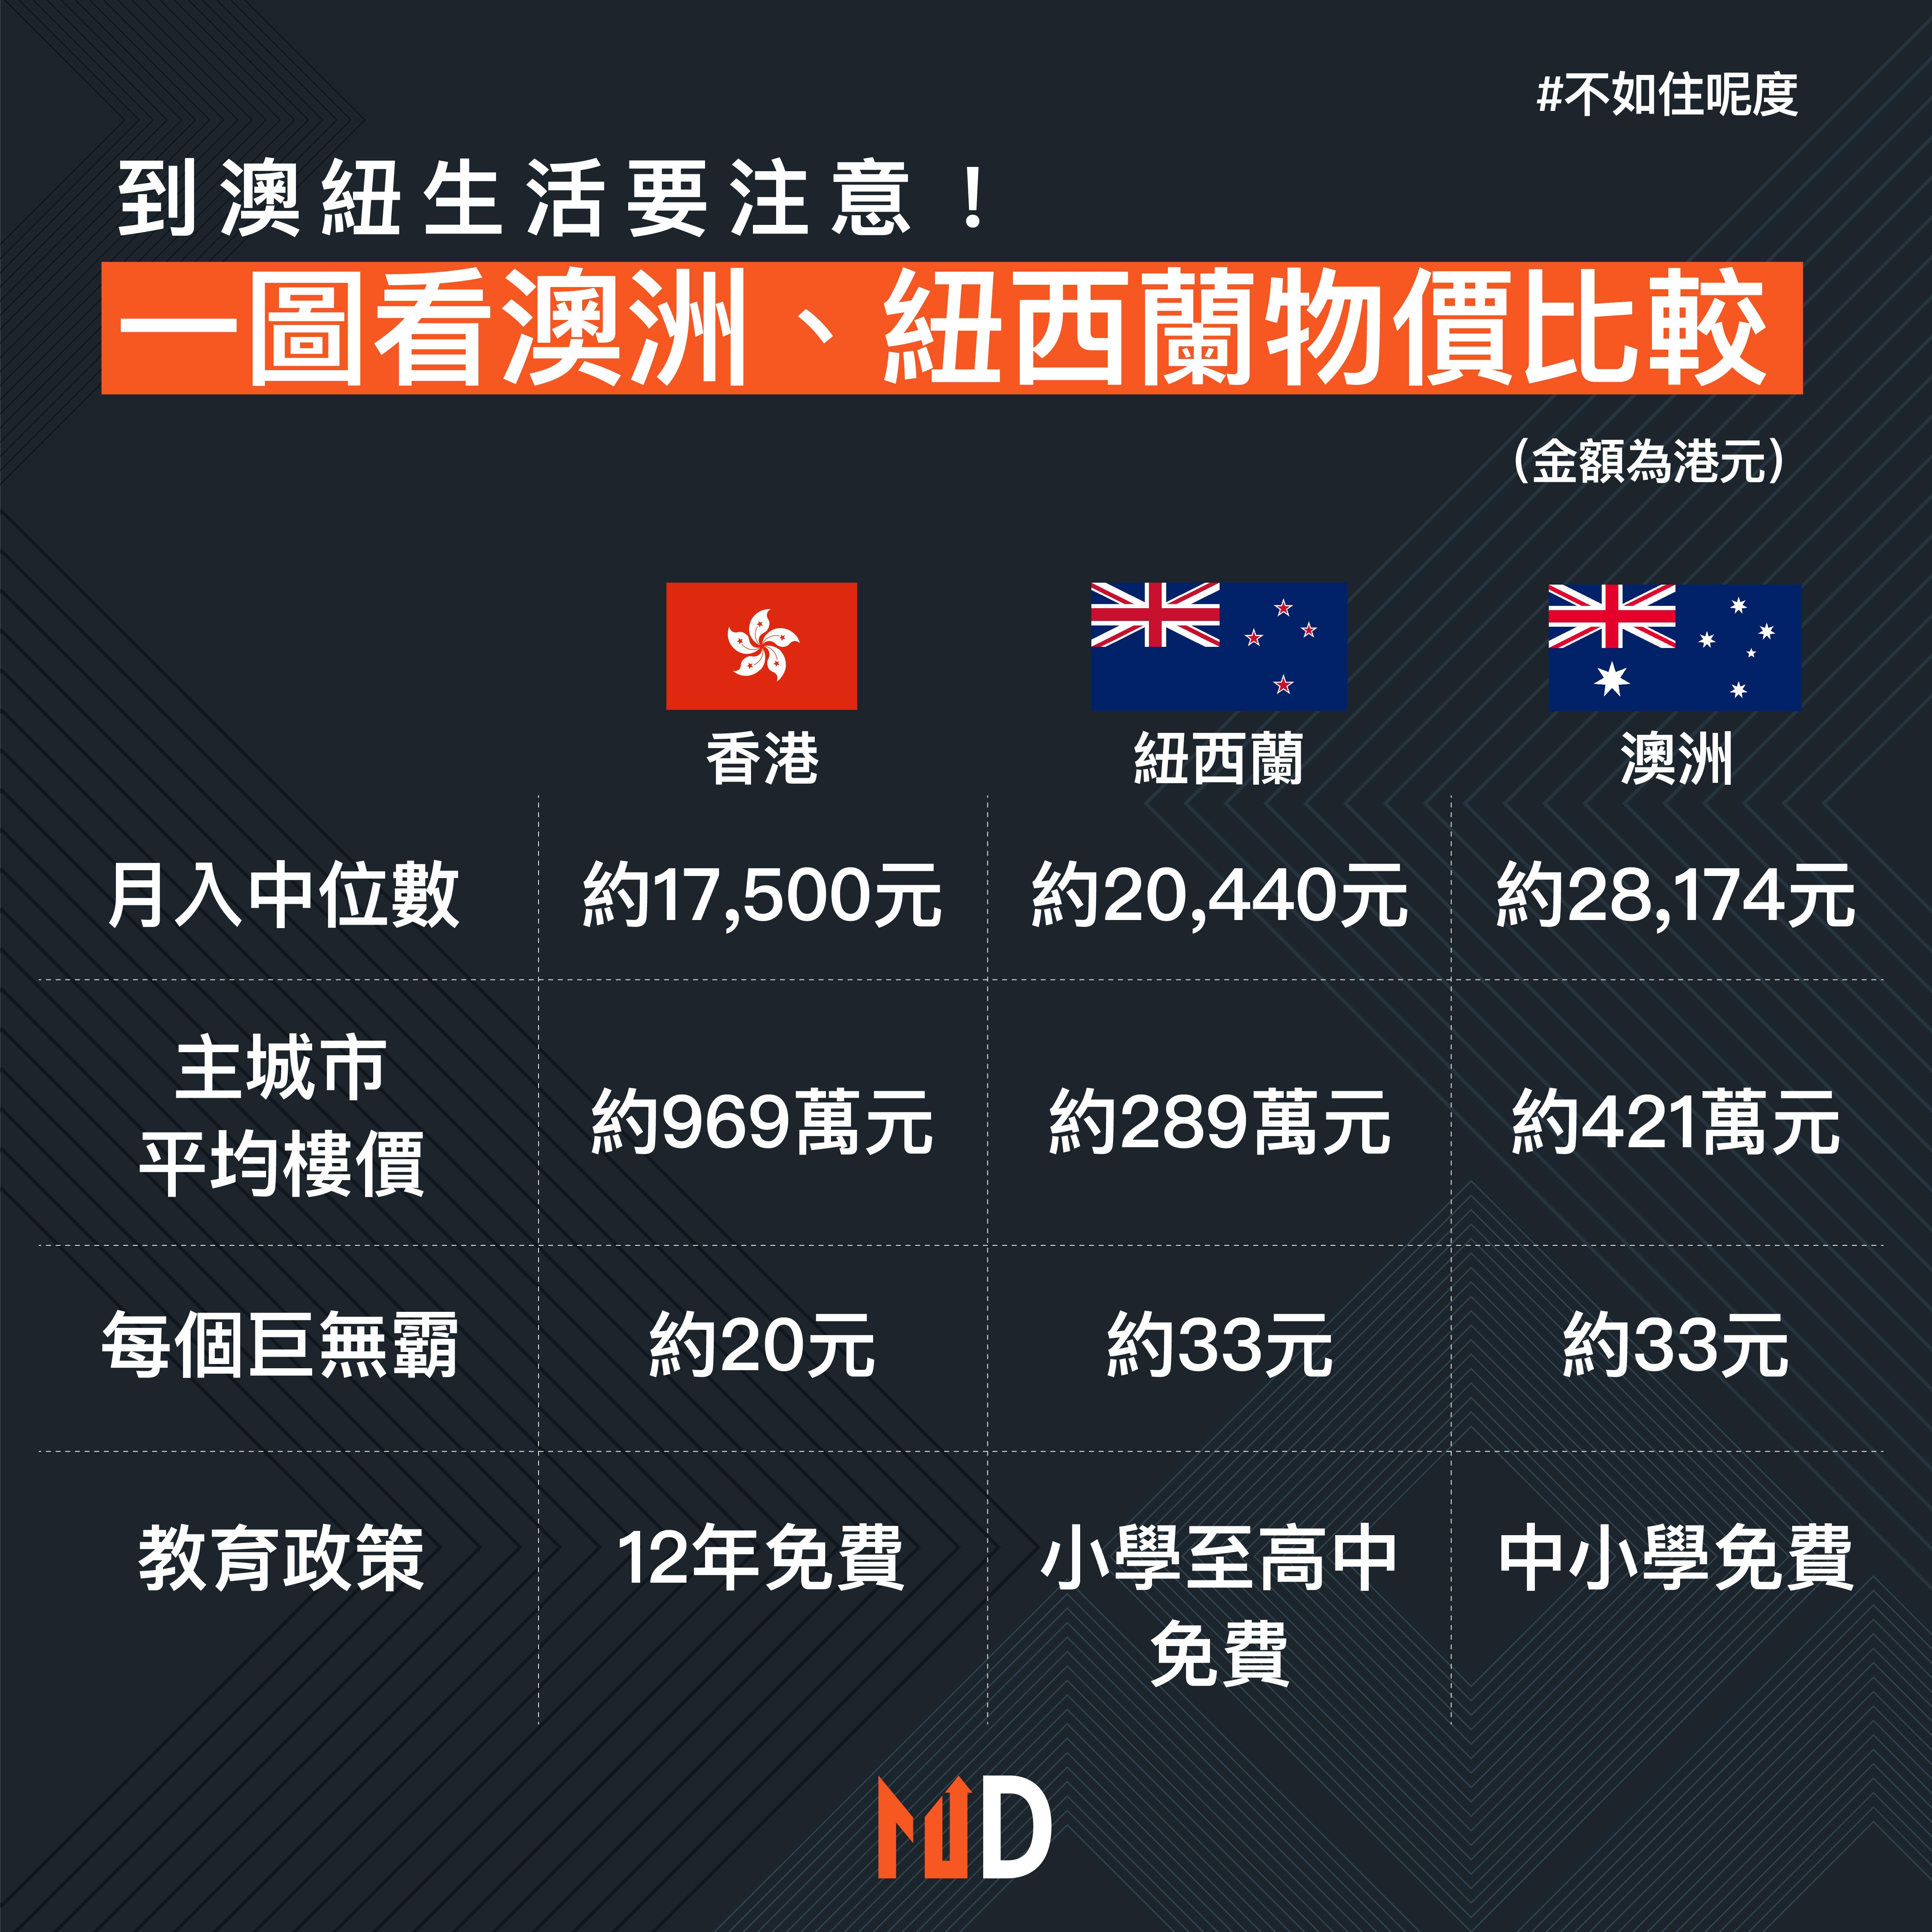 【不如住呢度】到澳紐生活要注意! 一圖看澳洲、紐西蘭物價比較